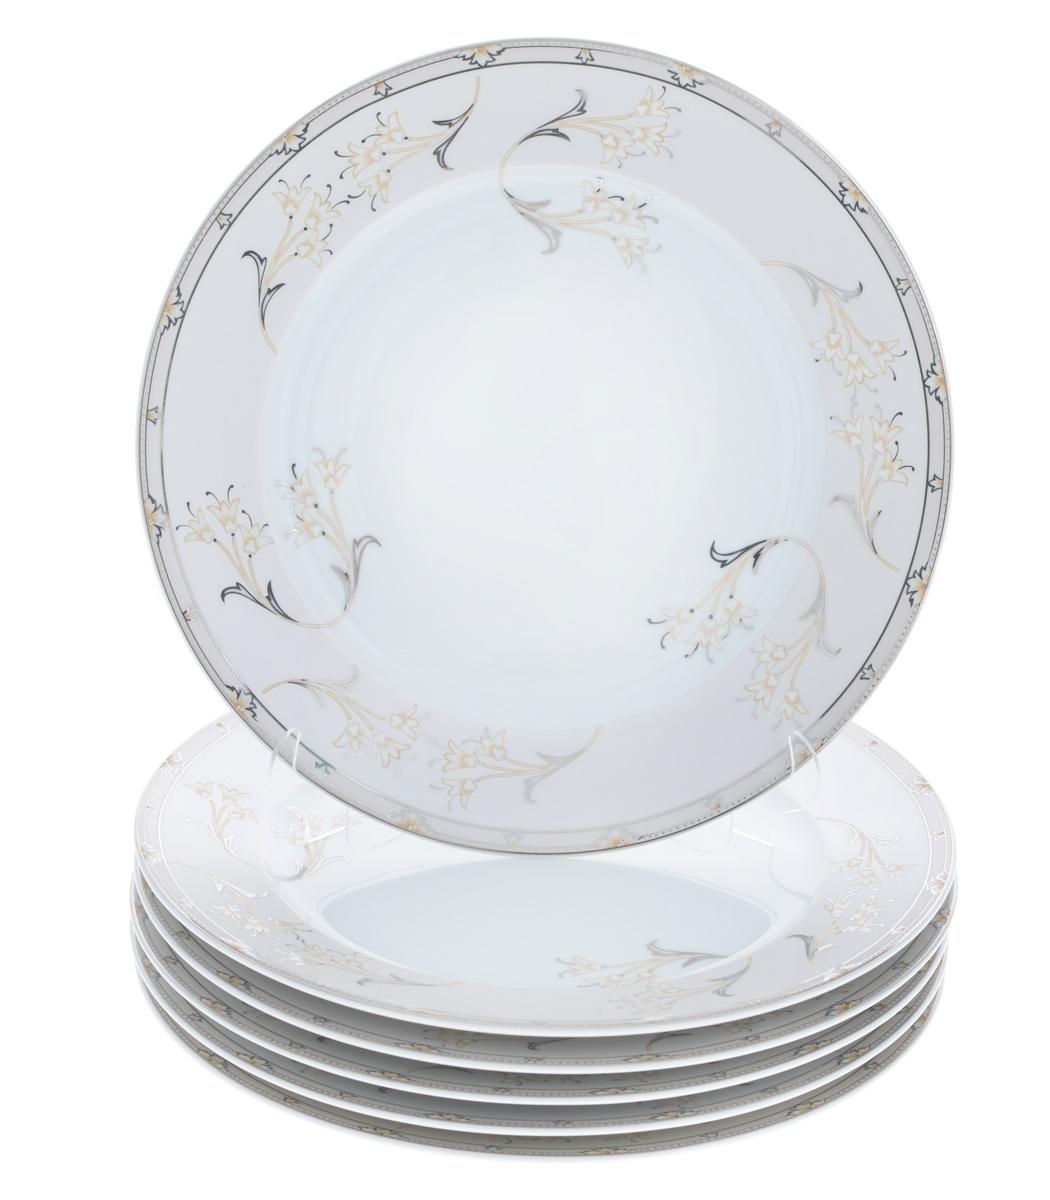 Набор тарелок La Rose Des Sables Mimosa, диаметр 25 см, 6 шт539029 1558Набор La Rose Des Sables Mimosa, выполненный из высококачественного фарфора, состоит из шести тарелок. Изделия декорированы оригинальным цветочным узором и прекрасно подойдут для красивой сервировки стола. Эстетичность, функциональность и изящный дизайн сделают набор достойным дополнением к вашему кухонному инвентарю. Набор тарелок La Rose Des Sables Mimosa украсит ваш стол и станет отличным подарком к любому празднику. Диаметр тарелки: 25 см. Высота тарелки: 2,5 см.